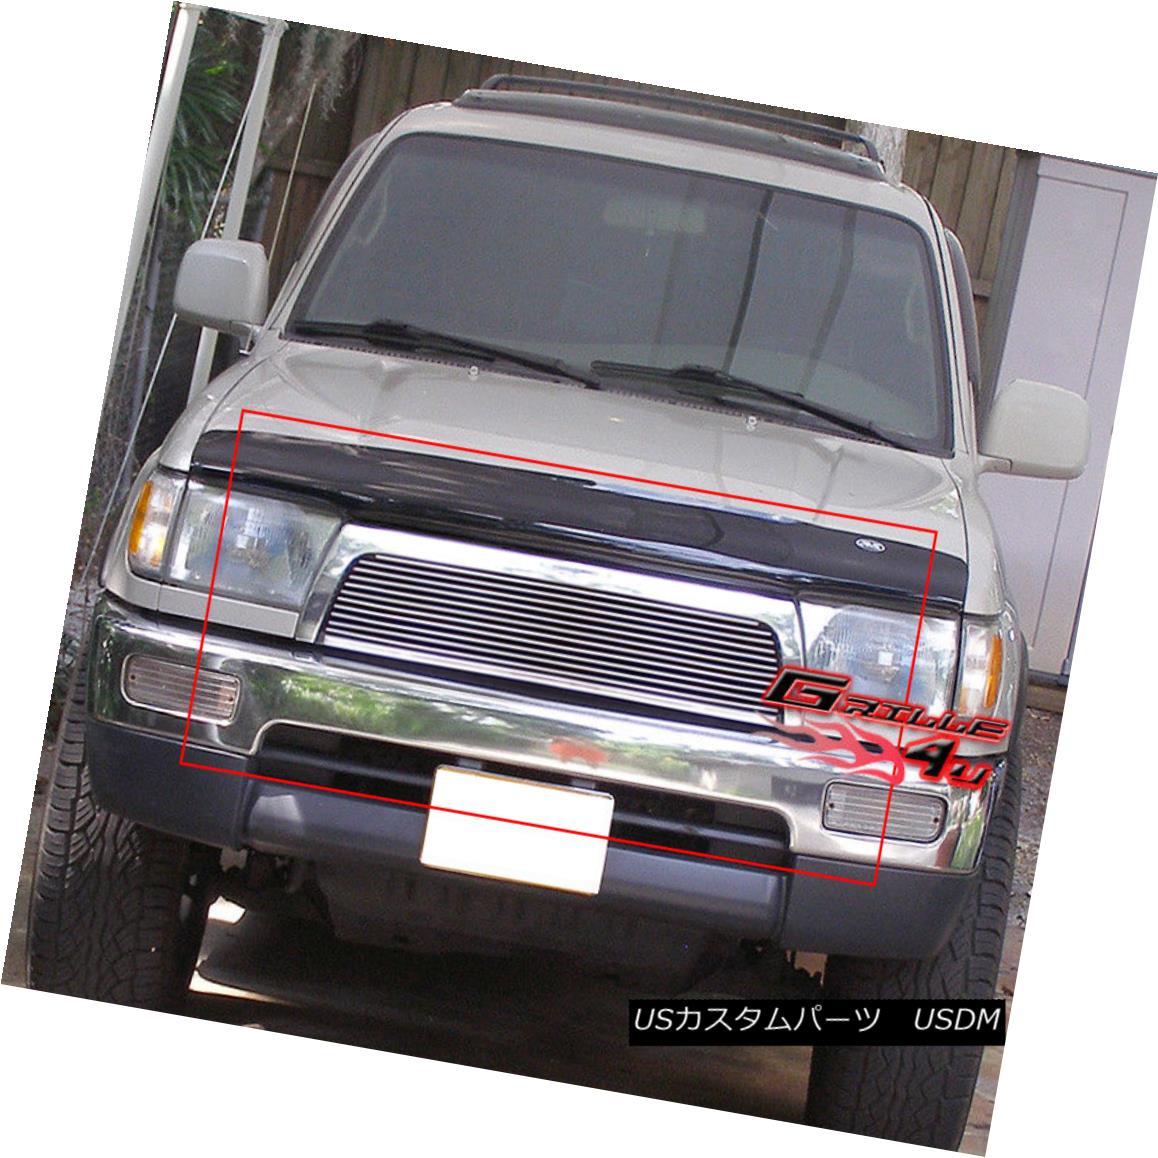 グリル Fits 96-98 Toyota 4Runner 4 Runner Main Upper Billet Grille Insert フィット96-98トヨタ4ランナー4ランナーメインアッパービレットグリルインサート